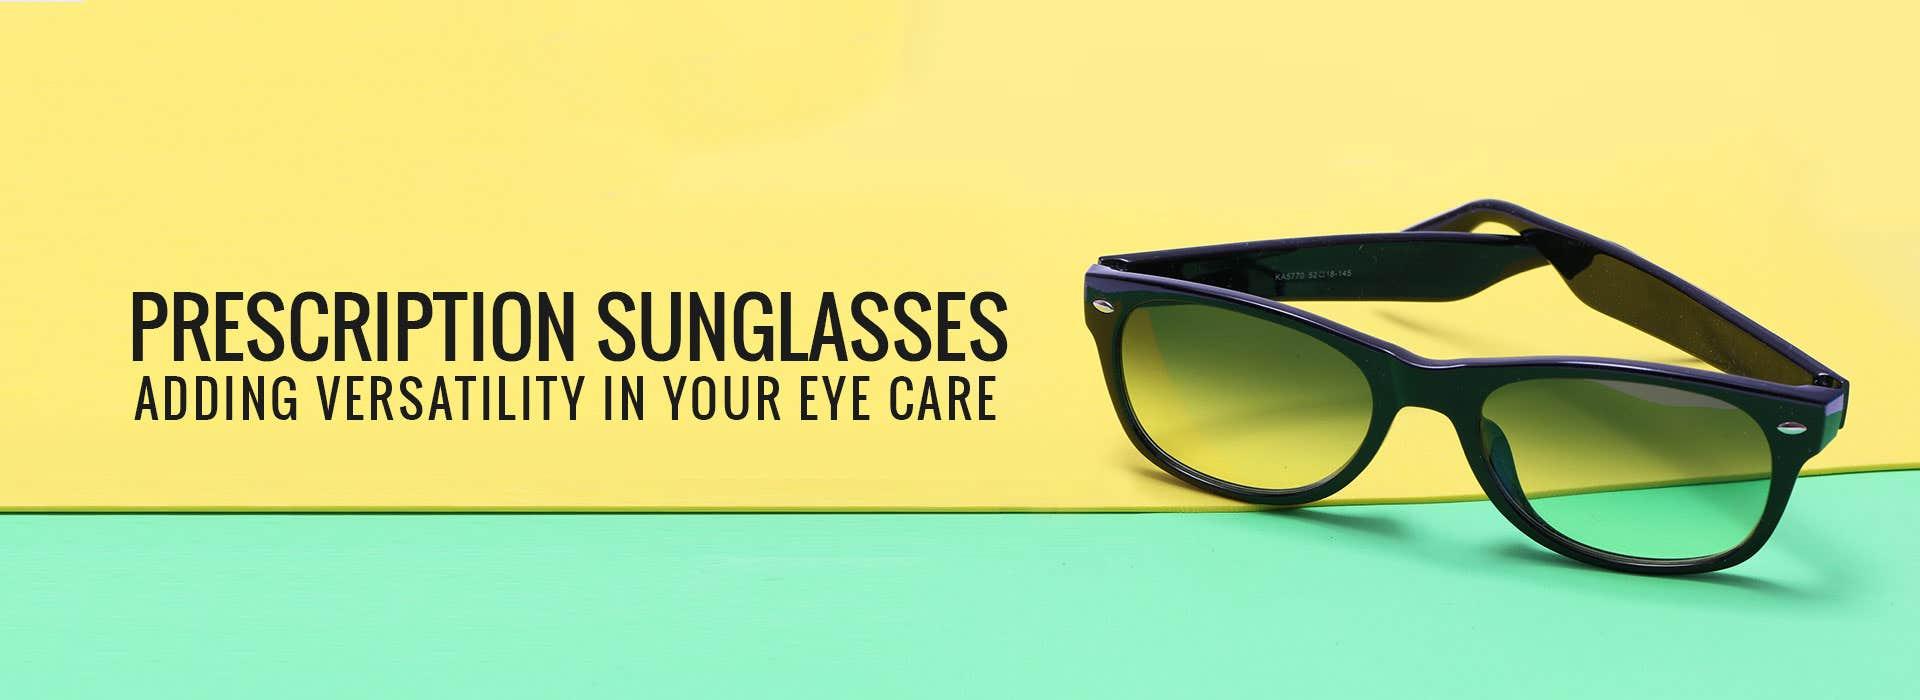 Prescription Sunglasses: Adding Versatility In Your Eye Care